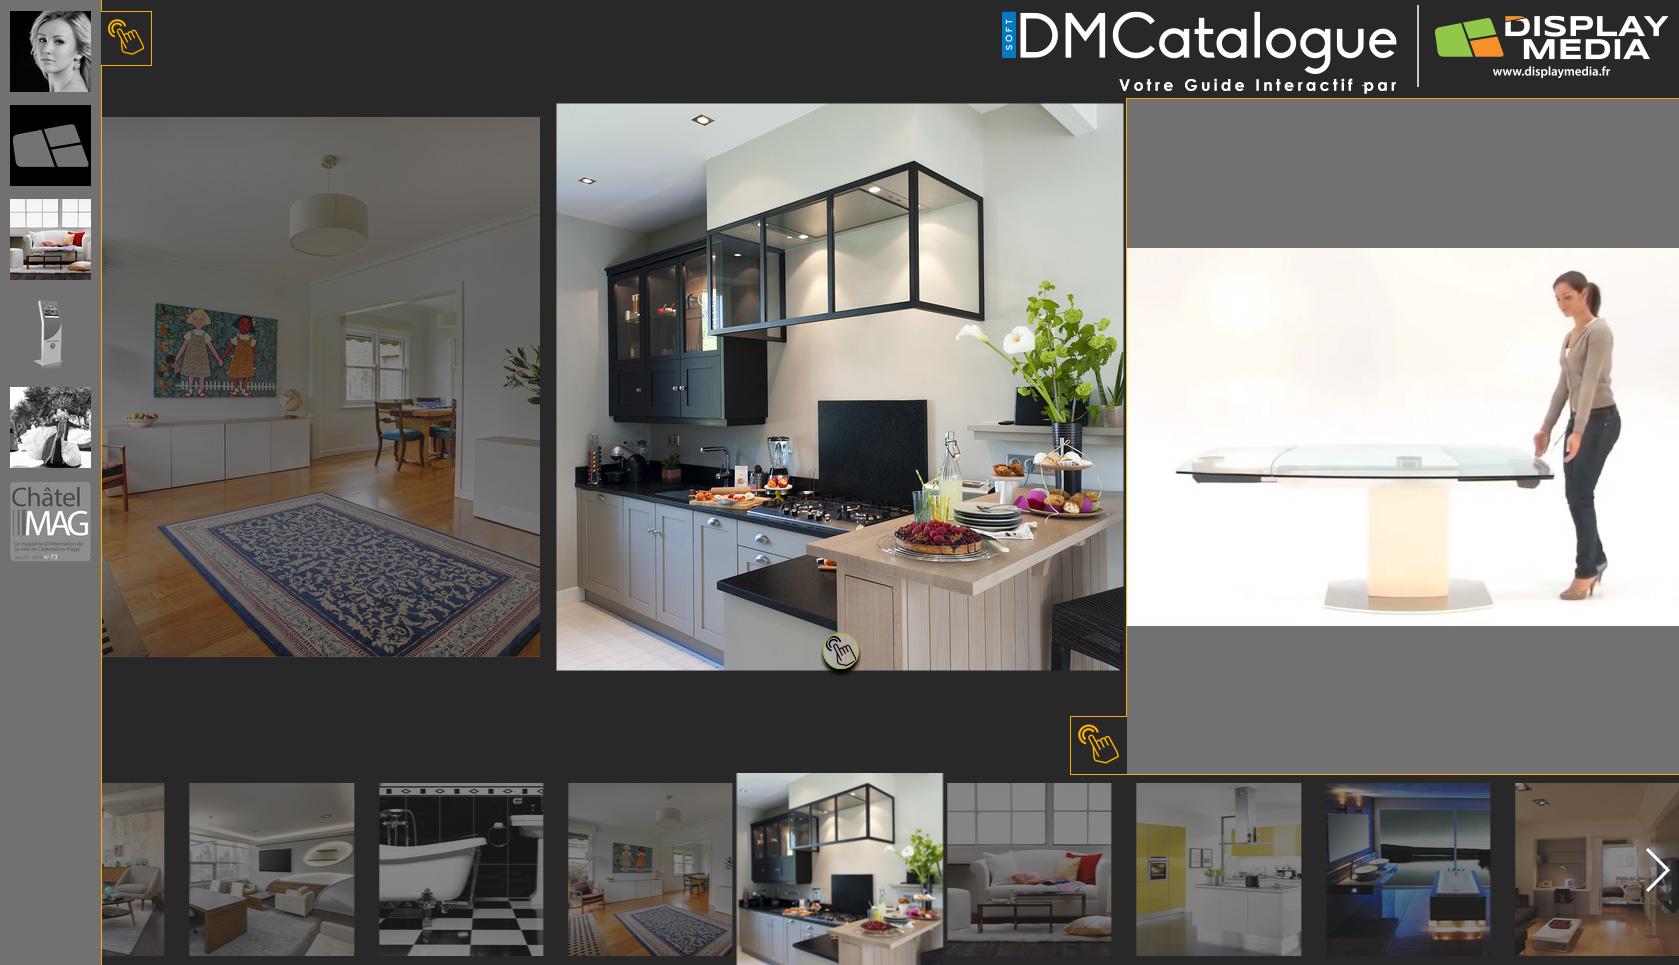 DMCatalogue - Logiciel de Création de Catalogue Interactif par Display Media